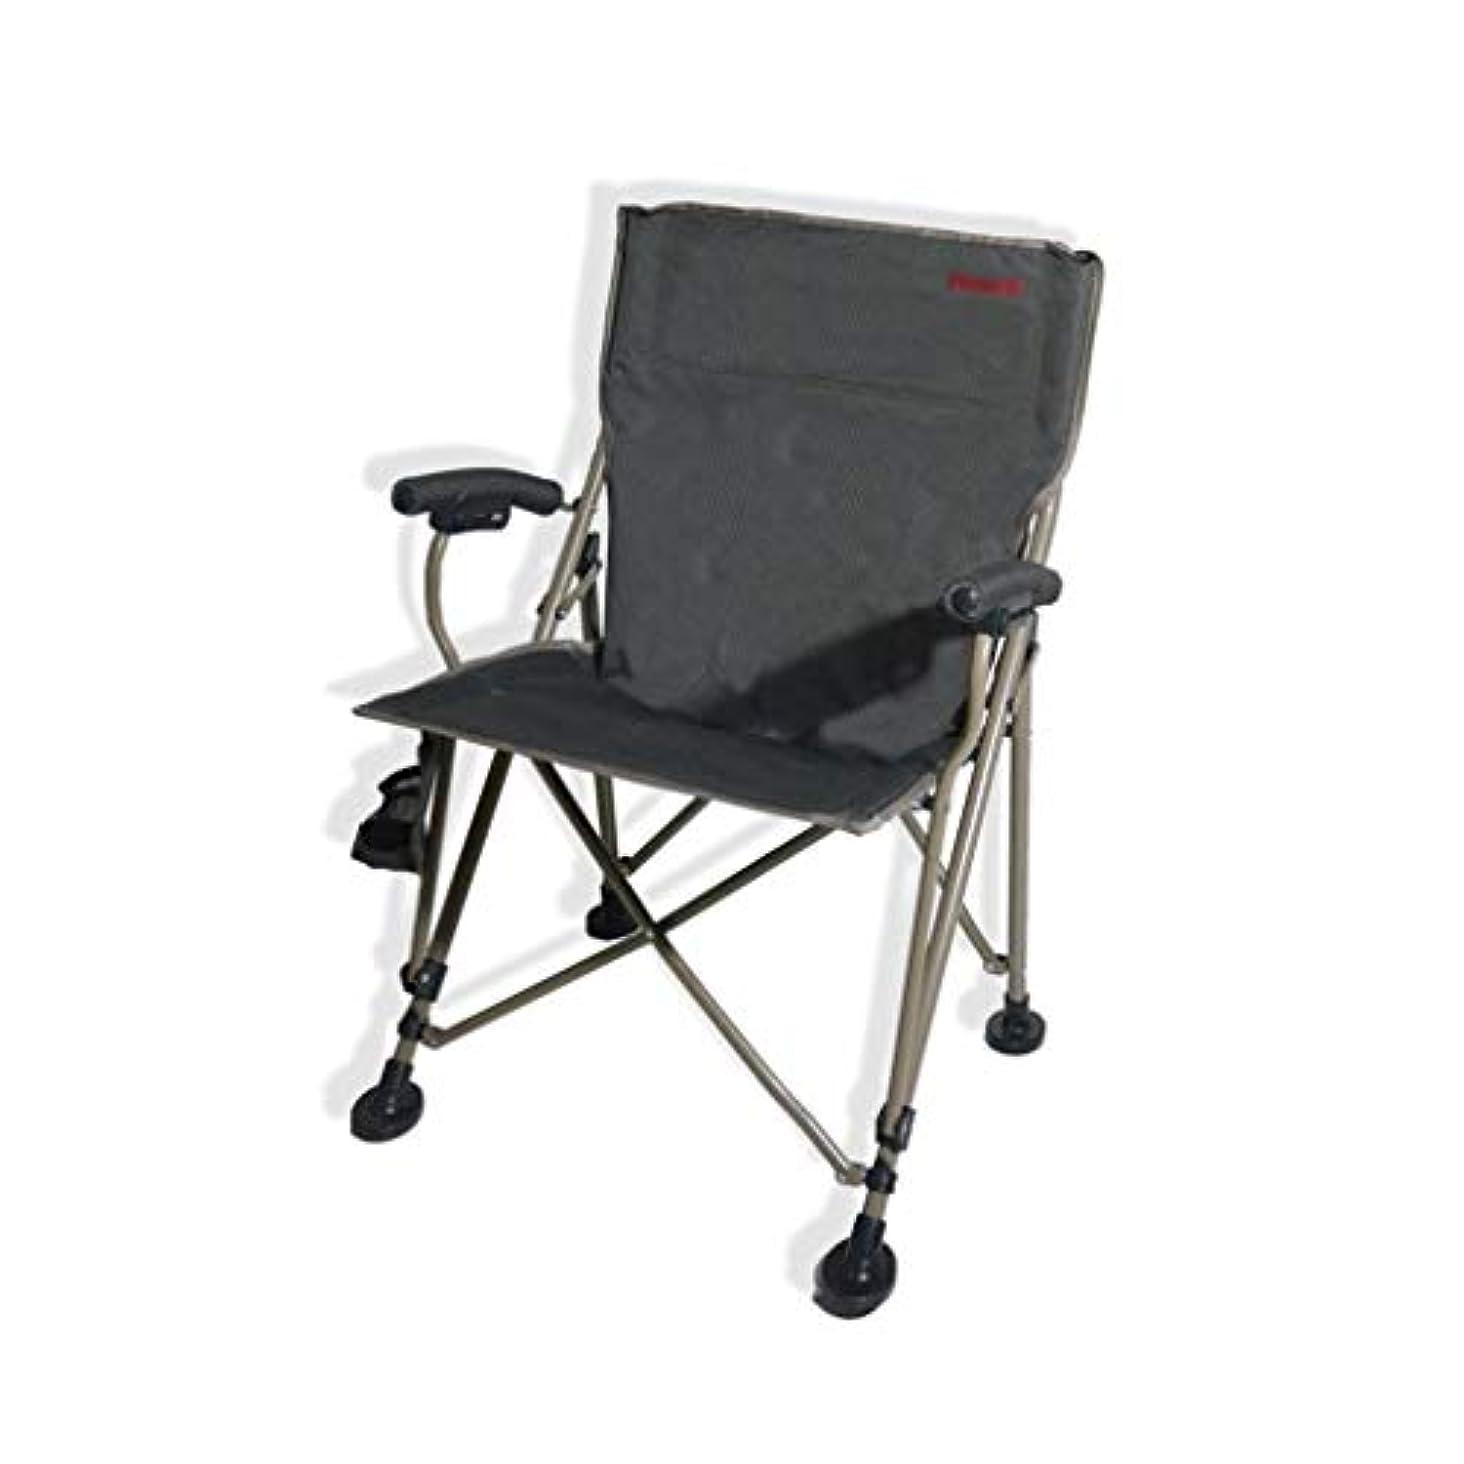 朝の体操をする異常なプロジェクター屋外の椅子、椅子を格納すること容易な灰色の厚い折る椅子の携帯用椅子屋外の椅子釣椅子 (色 : グレイ ぐれい)